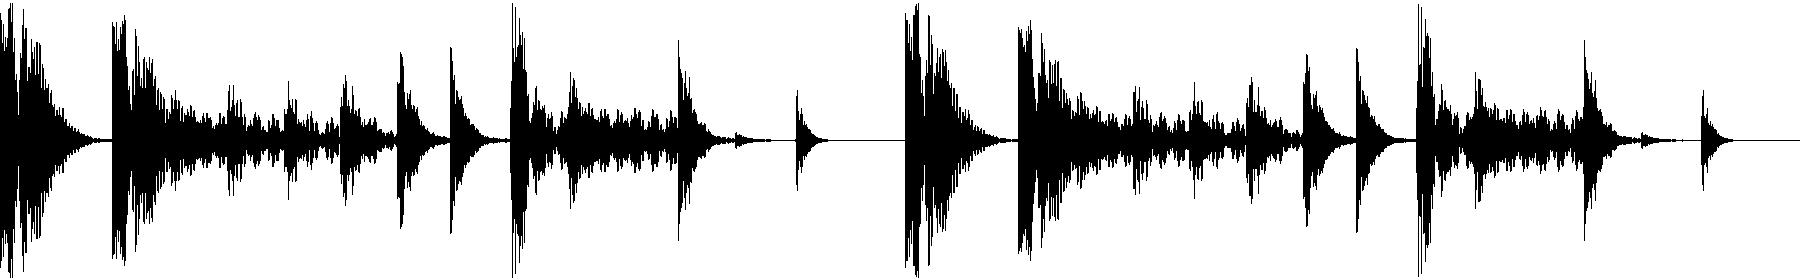 blbc electrodrums 95 04